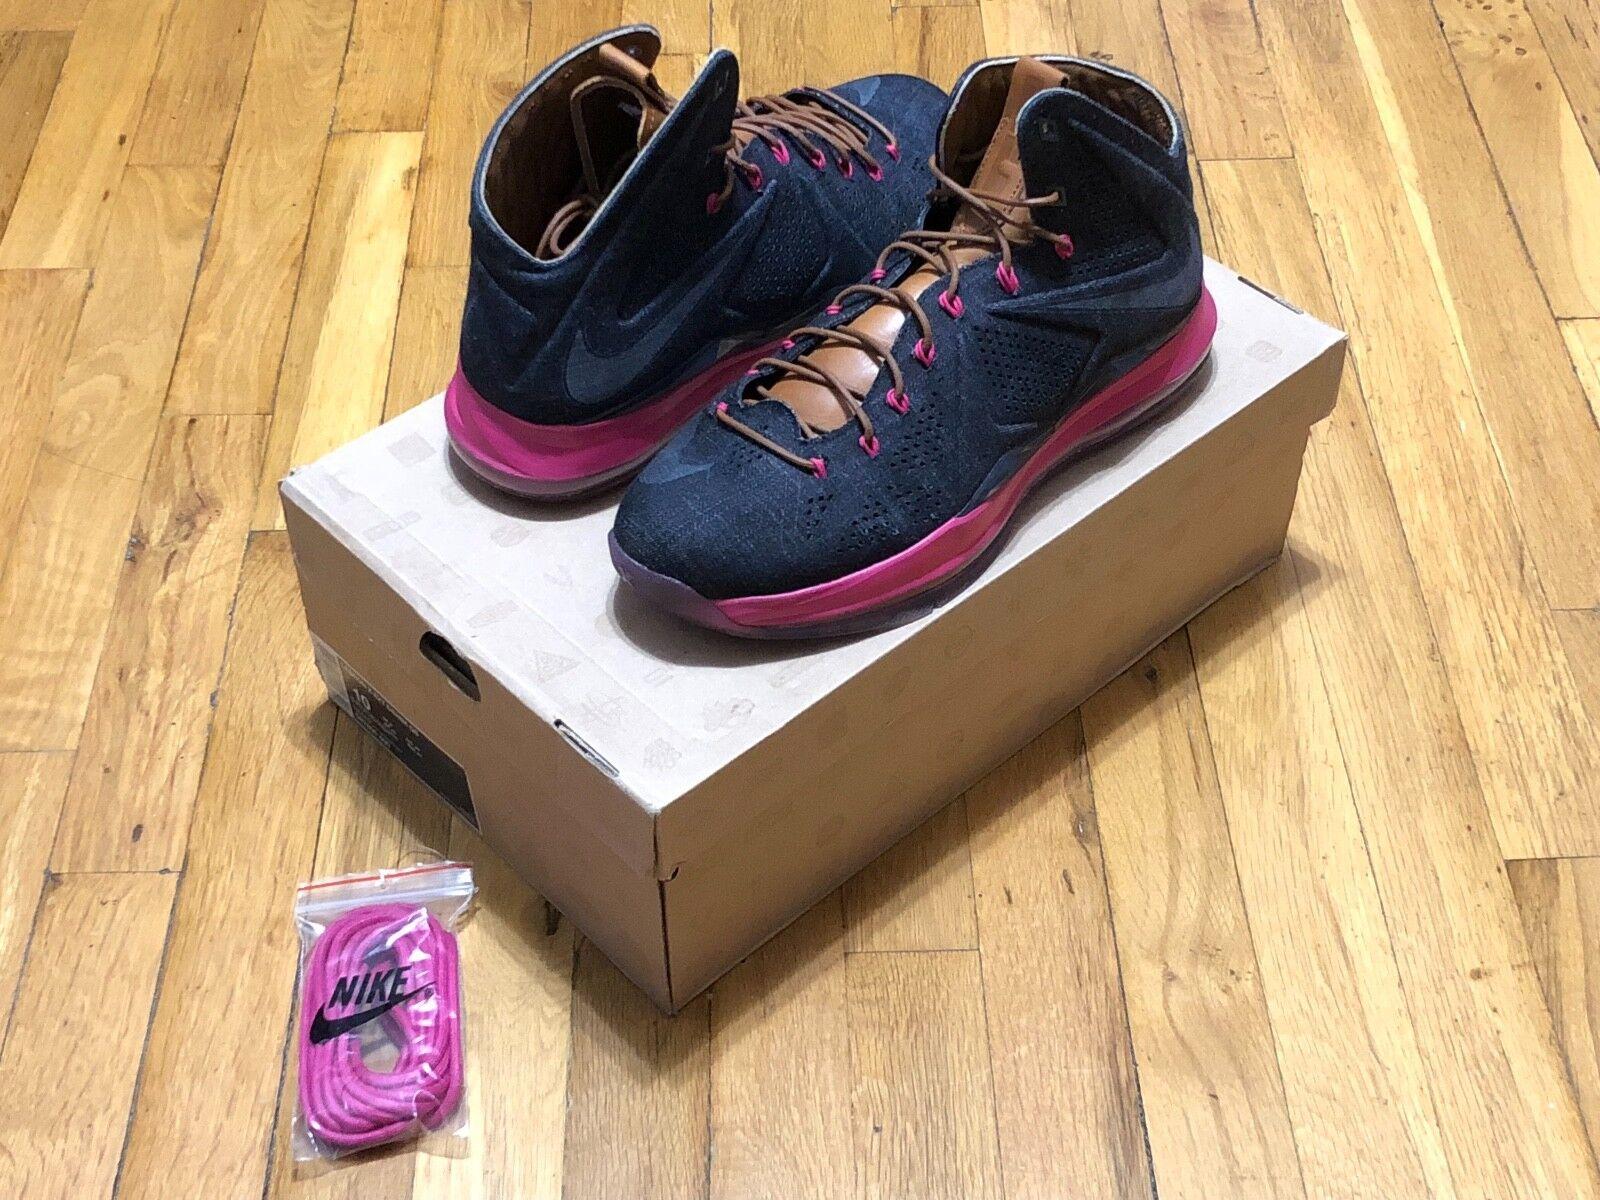 Nike LeBron x ext denim QS 597806 400 popular tamaño 10 el mas popular 400 de zapatos para hombres y mujeres cc8f4c